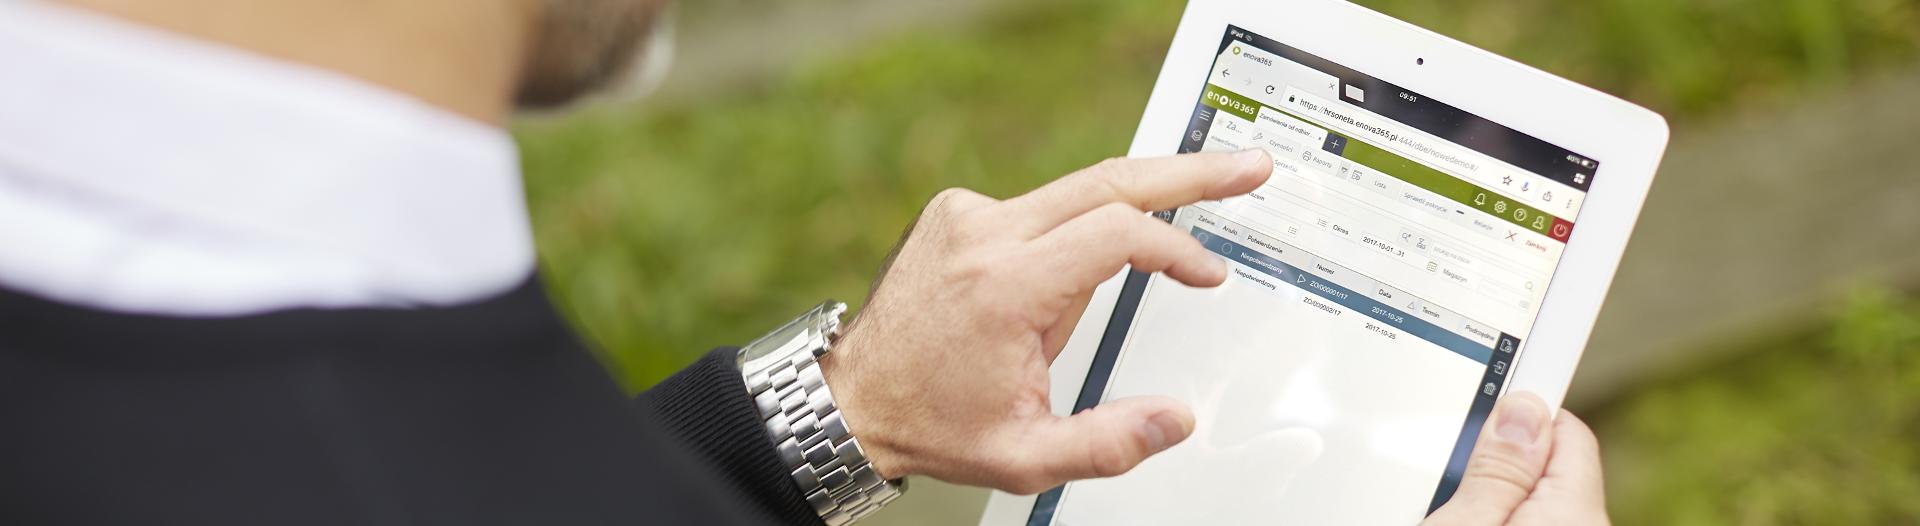 mobilny system erp - mężczyna przegląda dane firmy na tablecie